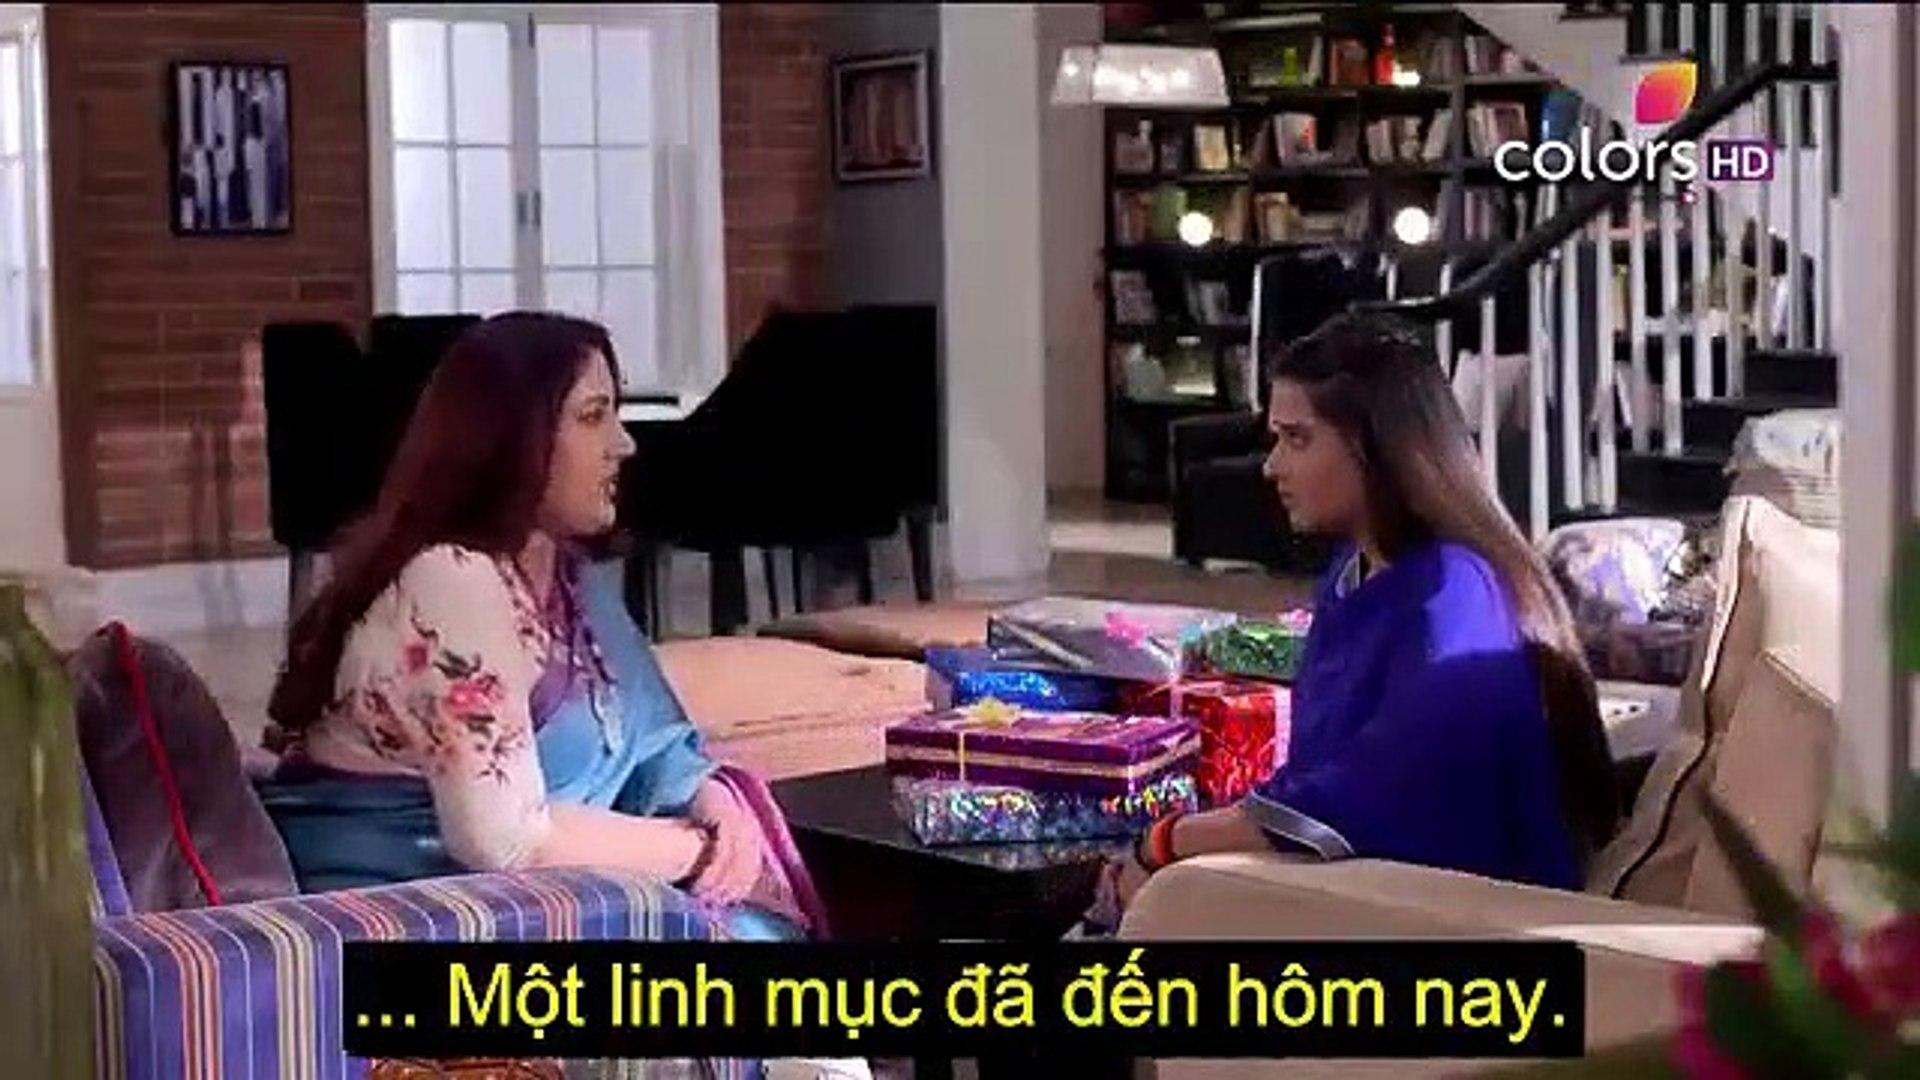 Lời Hứa Tình Yêu Tập 230 - Phim Ấn Độ - THVL1 Vietsub Lồng Tiếng - Phim Loi Hua Tinh Yeu Tap 230